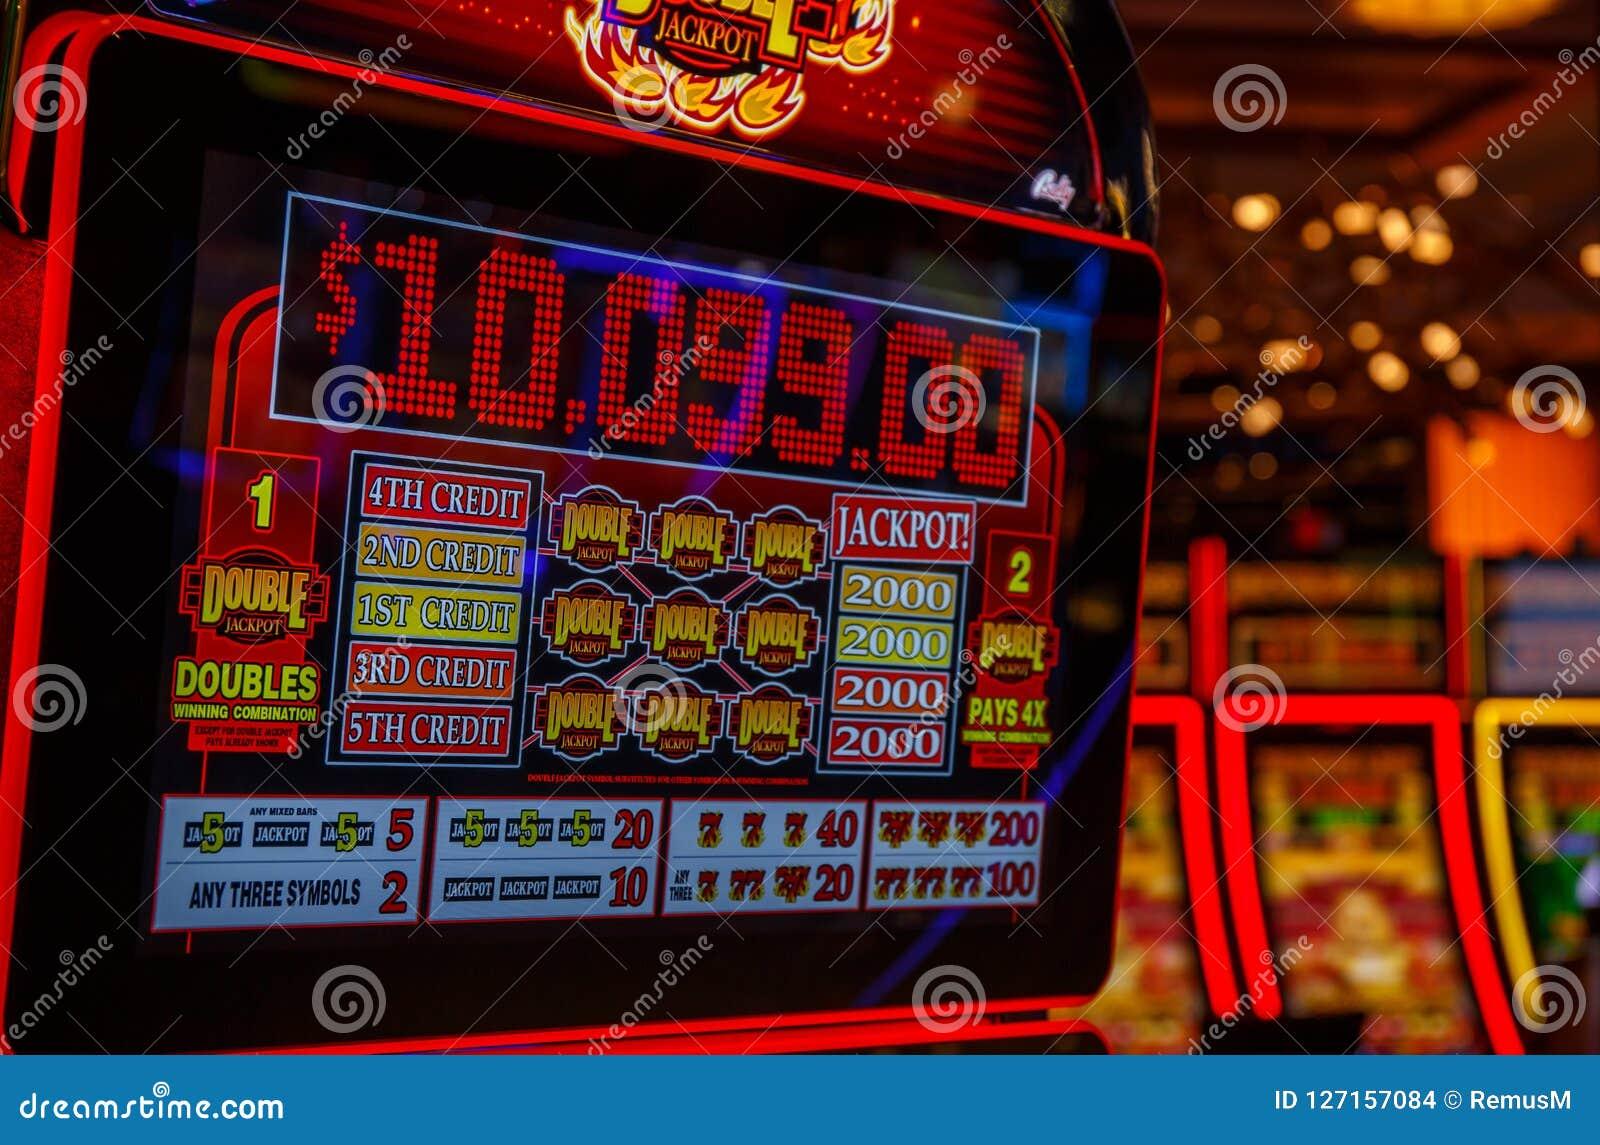 Казино вегас 777 игровые автоматы monkey играть бесплатно и без регистрации